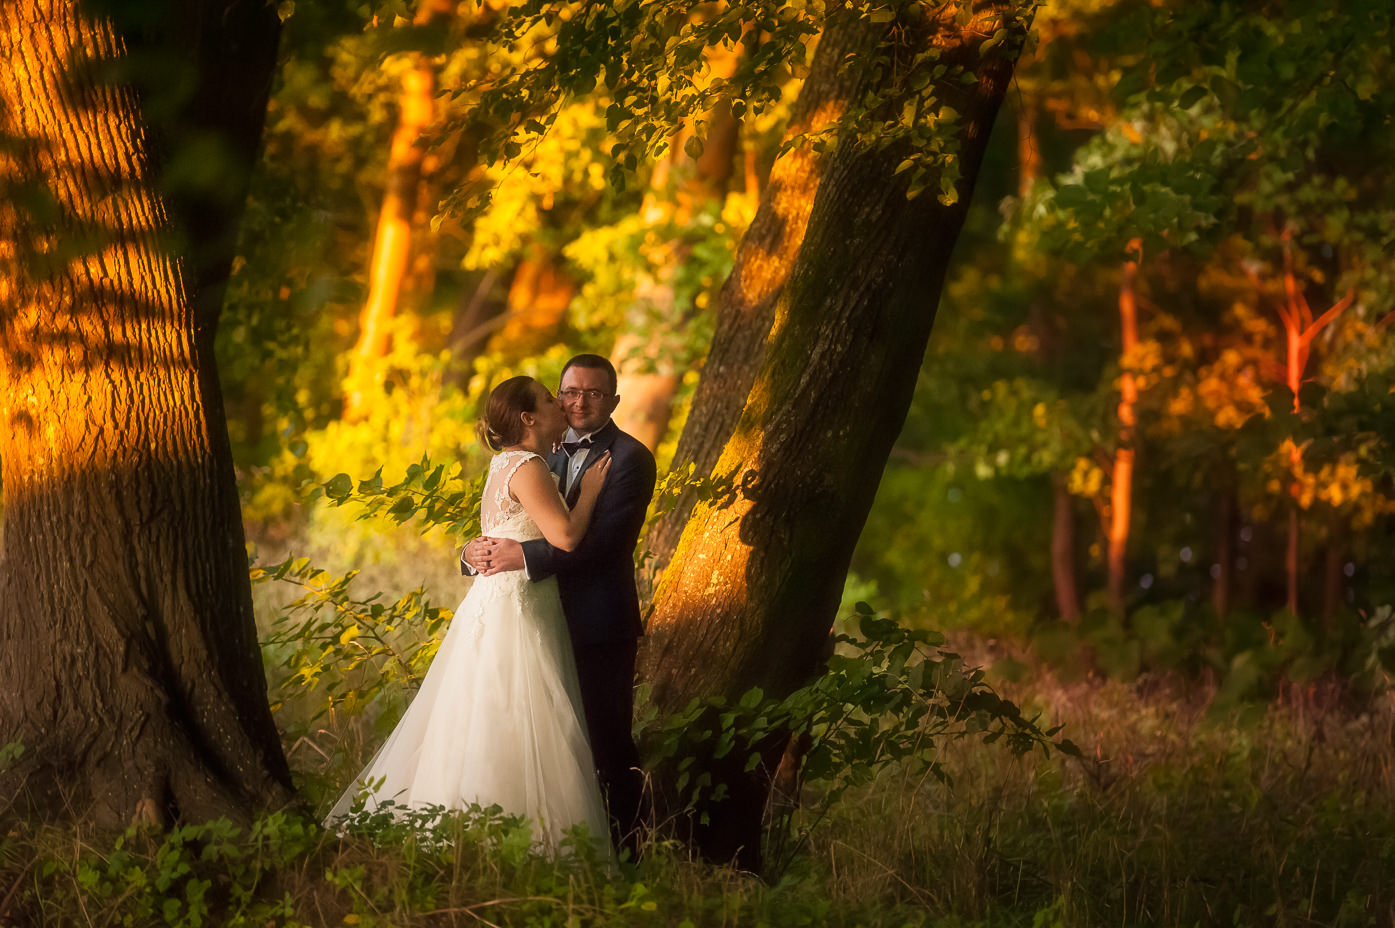 Fotograf Ślubny Sopot zdjecia ślubne z pasją i pomysłem